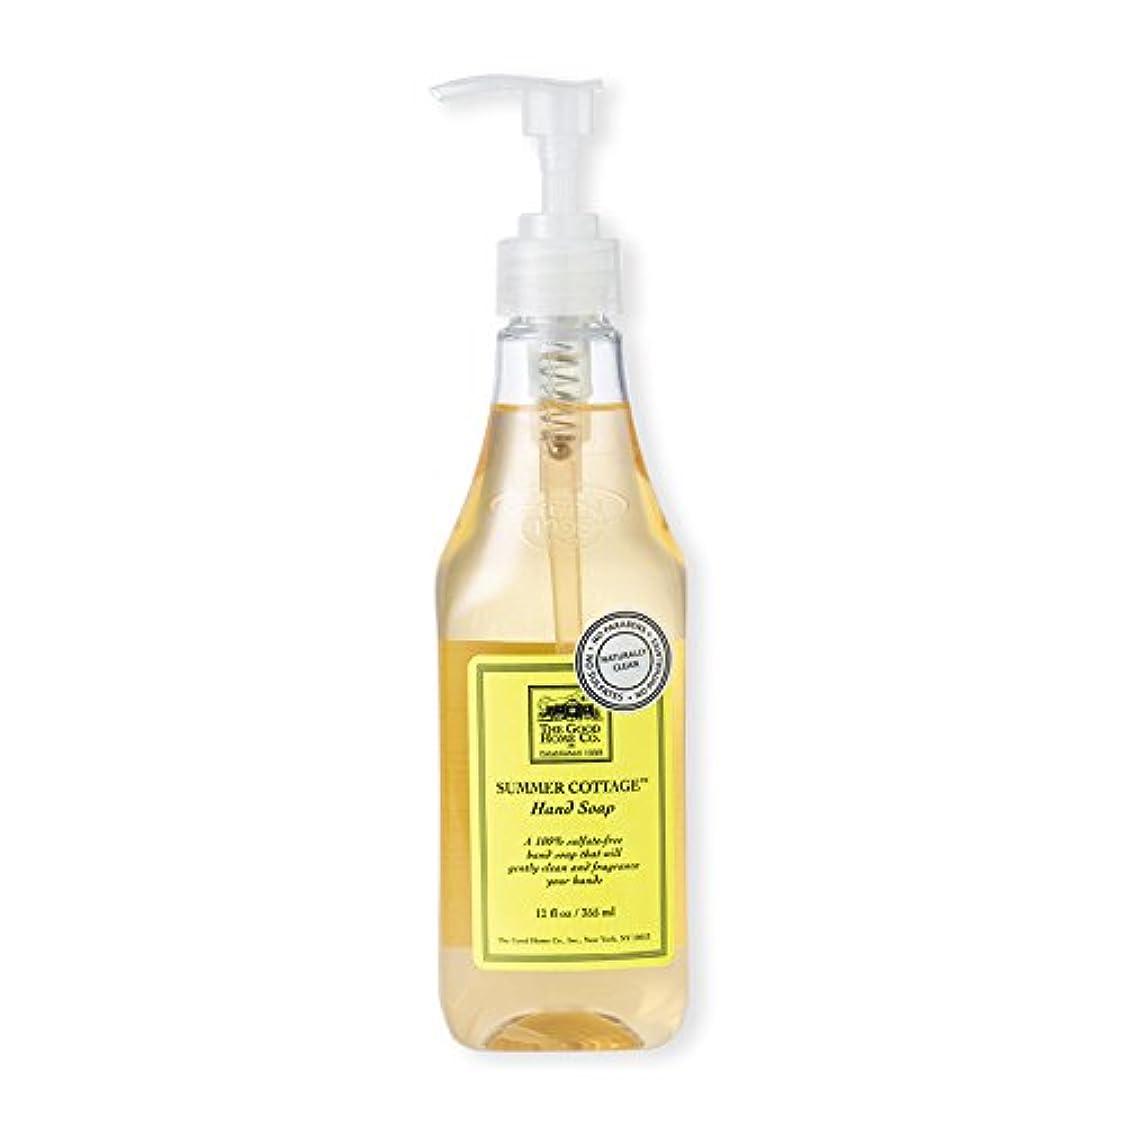 パパ辛いミスペンドザ グッドホーム カンパニー HAND SOAP ハンドソープ 石鹸 せっけん ギフト 355ml レディーズ (並行輸入品)